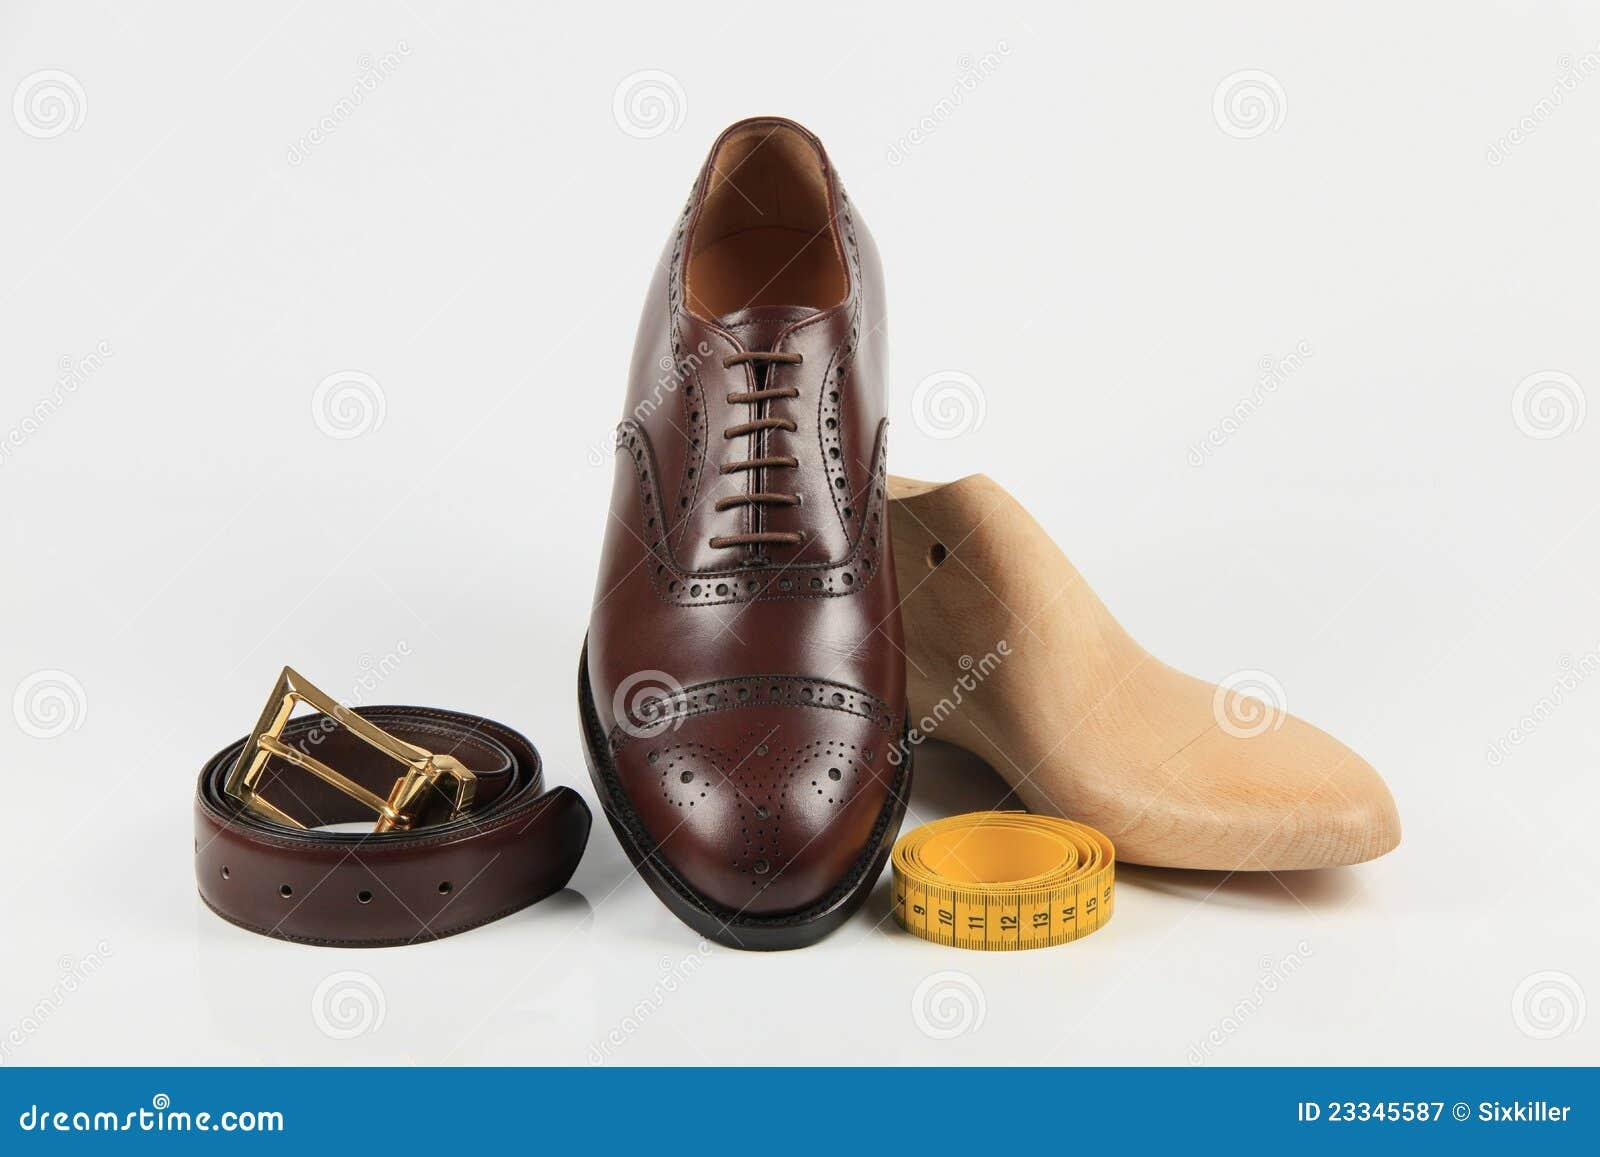 f041d0c4439 επί παραγγελία παπούτσια στοκ εικόνα. εικόνα από παπούτσι - 23345587